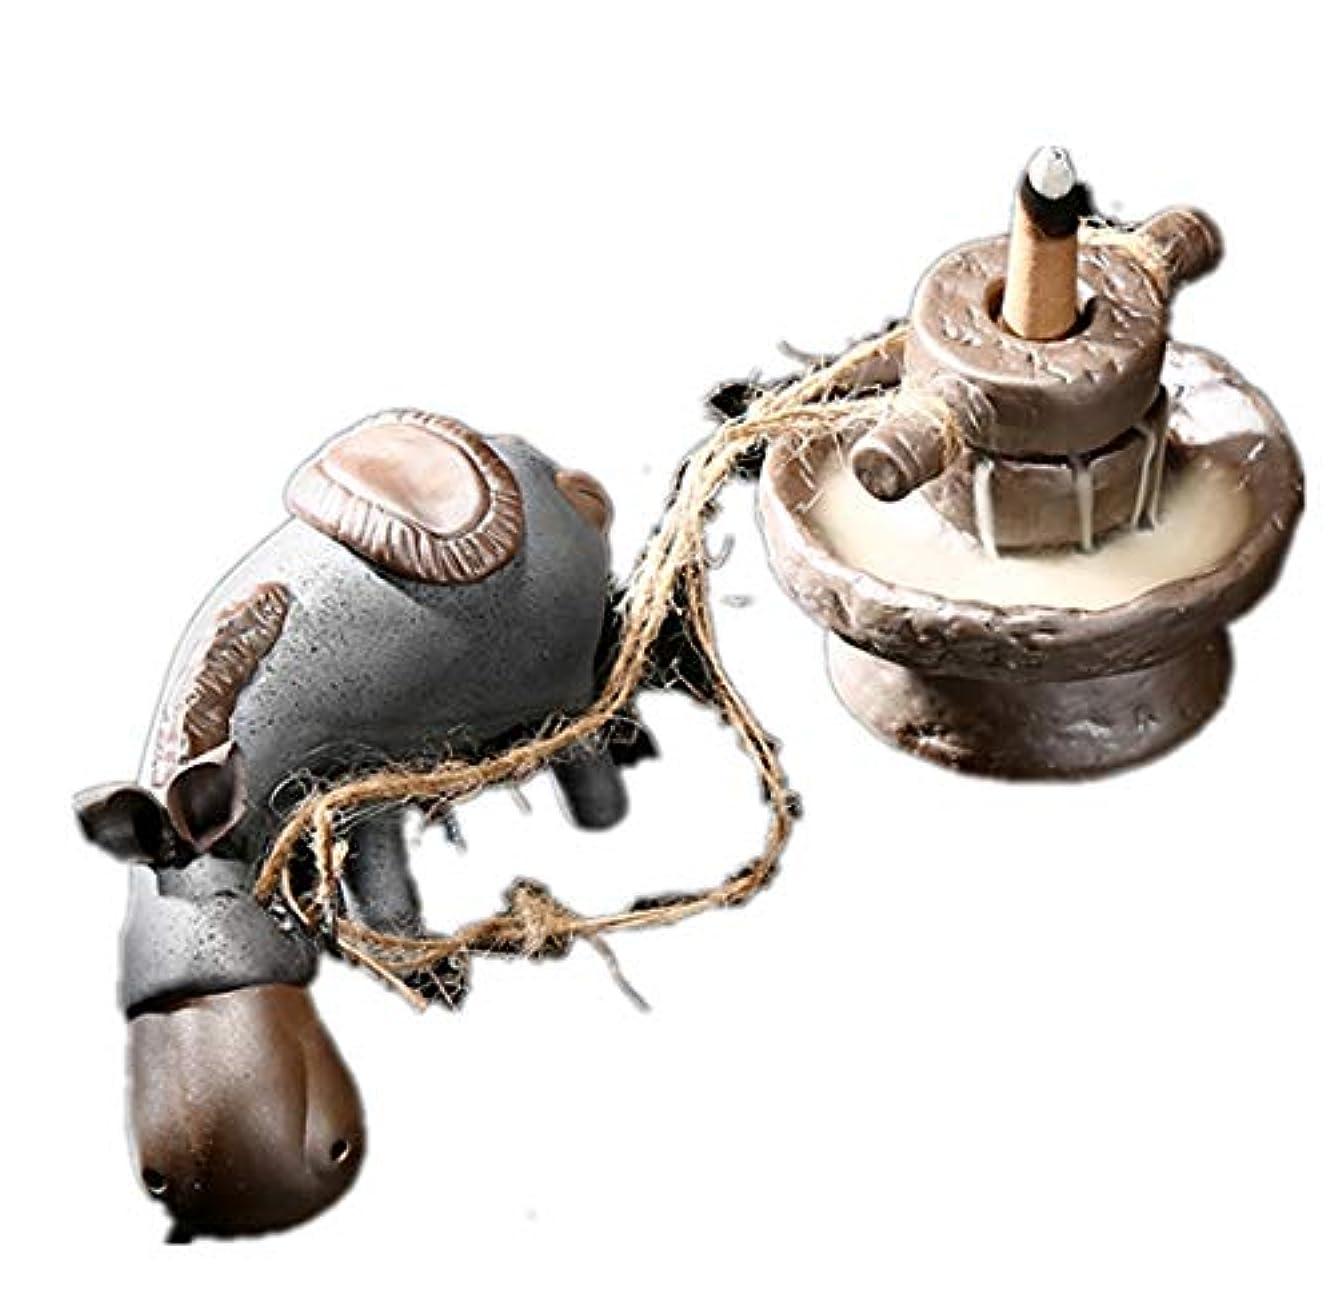 貝殻遷移差し引くXPPXPP Reflux Incense Burner, Ceramic Incense Burner, With 10pcs Reflux Cone, Suitable For Home Decoration